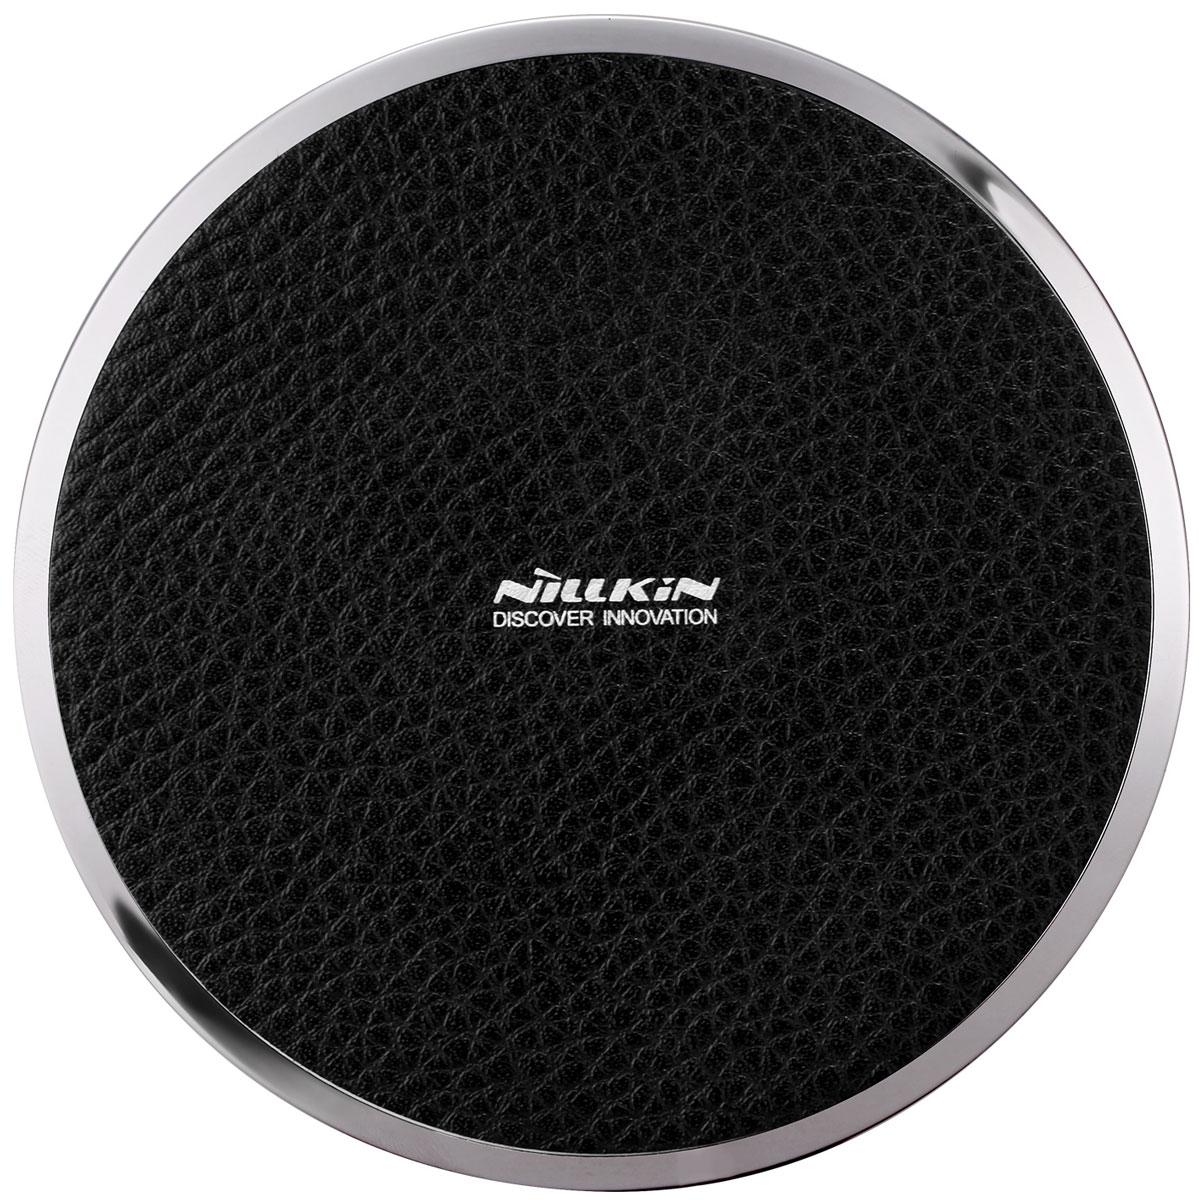 Nillkin Magic Disk III Wireless Charger, Black беспроводное зарядное устройство2000000108445Magic Disk III не просто обновлен, он сделан заново! Усовершенствованная технология передачи энергии представляет новую эру в развитии беспроводных зарядных устройств. Устройство с более эффективной зарядкой вашего гаджета, которое имеет несколько уровней защиты. Тем самым предлагая вам, интеллектуальное, быстрое и безопасное использование.Современный внешний вид, ведь гаджет сочетает в себе металл и классическую PU кожу. Что придает зарядке в совокупности современный стиль с нотами классики. Этот аксессуар будет в пору в любом месте: на рабочем столе или дома. Если ваш смартфон поддерживает функцию быстрой зарядки, то Magic Disk III сможет сэкономить до 40% вашего времени. Теперь зарядка происходит быстрее и безопаснее. В тоже время, Magic Disk III подходит и для обычной зарядки, так как встроенный элемент или чехол принимает ровно столько, на сколько и рассчитан. Точнее, если ваш смартфон насчитан на прием 1А, то и заряжаться он будет с использованием 1А. В рабочем состоянии зарядка имеет приятную синюю подсветку. Также стоит учесть, что во включенном состоянии на зарядку нельзя класть металлические предметы, кроме телефона, а именно монеты, скрепки, кольца, сережки, ключи и другие вещи. Особенности: при помощи устройства можно заряжать все девайсы, в которых предусмотрена технология QI; максимальная дистанция для сохранения процесса зарядки - 6 мм; аксессуар покрыт слоем искусственной кожи, которая уменьшает силу трения и предотвращает скольжение; металлическая окантовка придает аксессуару дополнительную презентабельность; синяя светодиодная подсветка позволит вам отыскать зарядное устройство даже в темноте; размеры зарядного устройства - 105х105х14 мм; напряжение на входе - 5V 1.5A, на выходе - 5V 1A; зарядное устройство удобно брать носить с собой благодаря его компактны размерам; в комплекте: USB-кабель, зарядное устройство, инструкция.